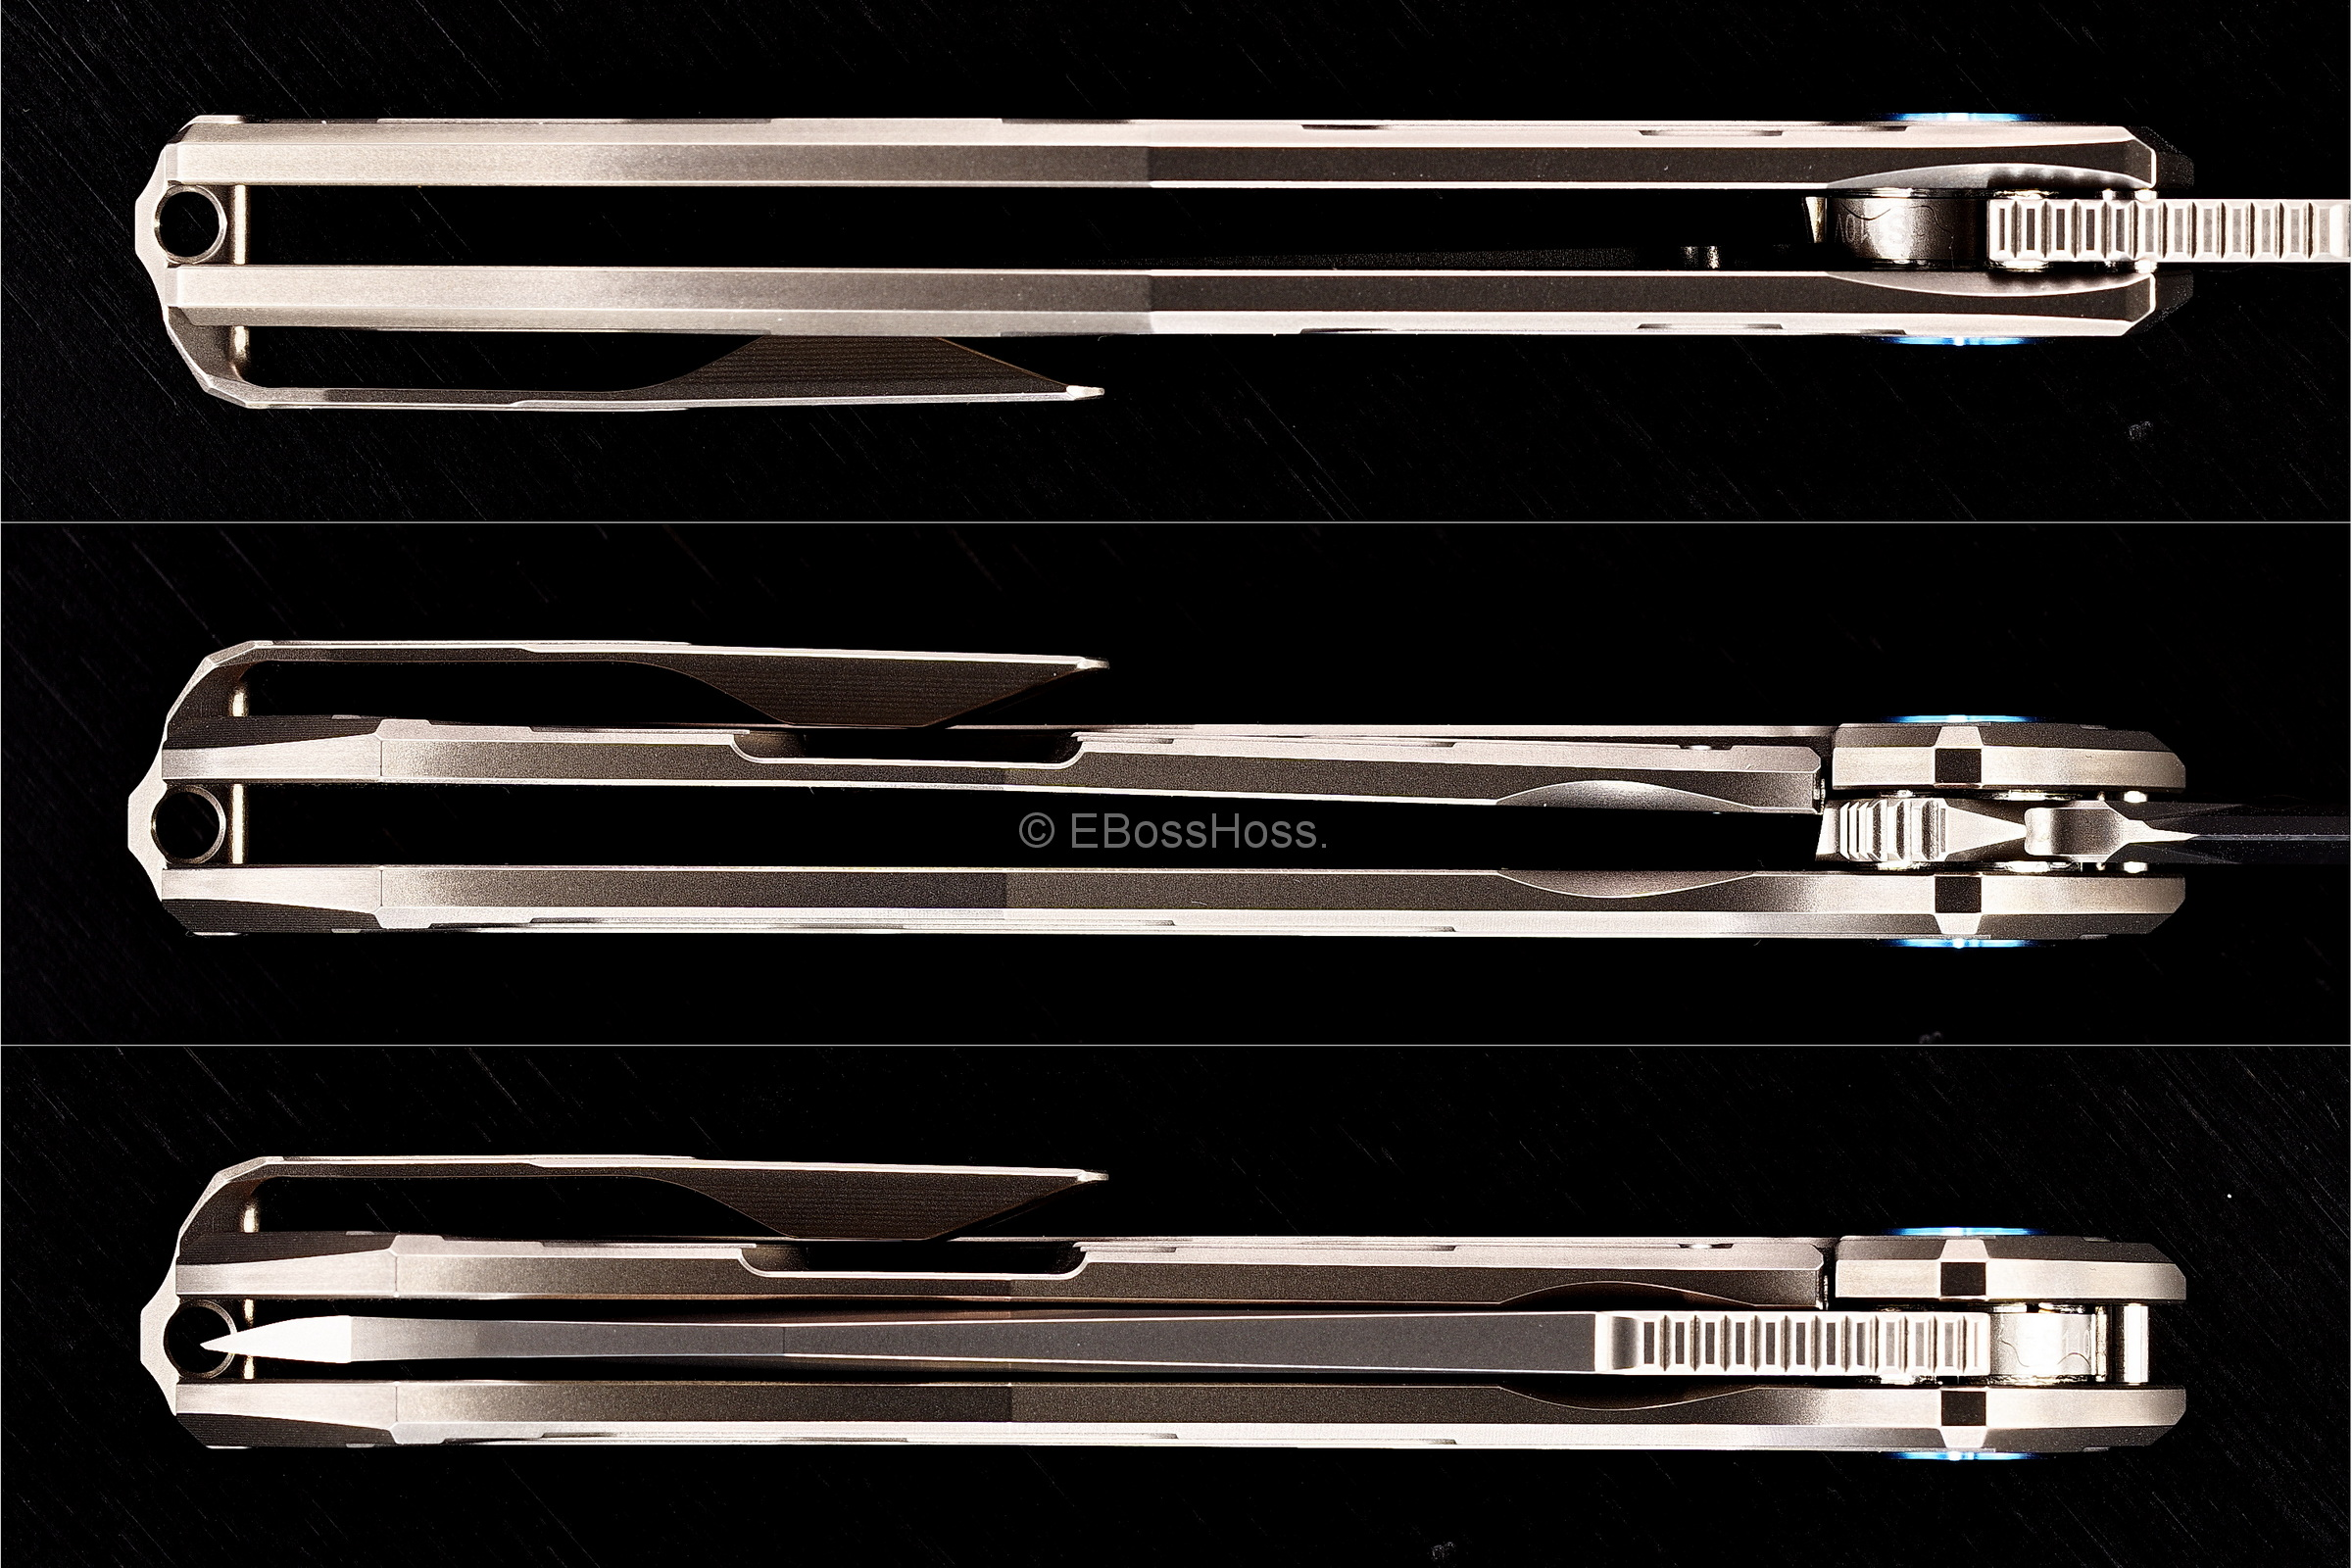 Sergey Shirogorov Limited Edition Collaboration Kami Flipper - Dmitry Sinkevich Design